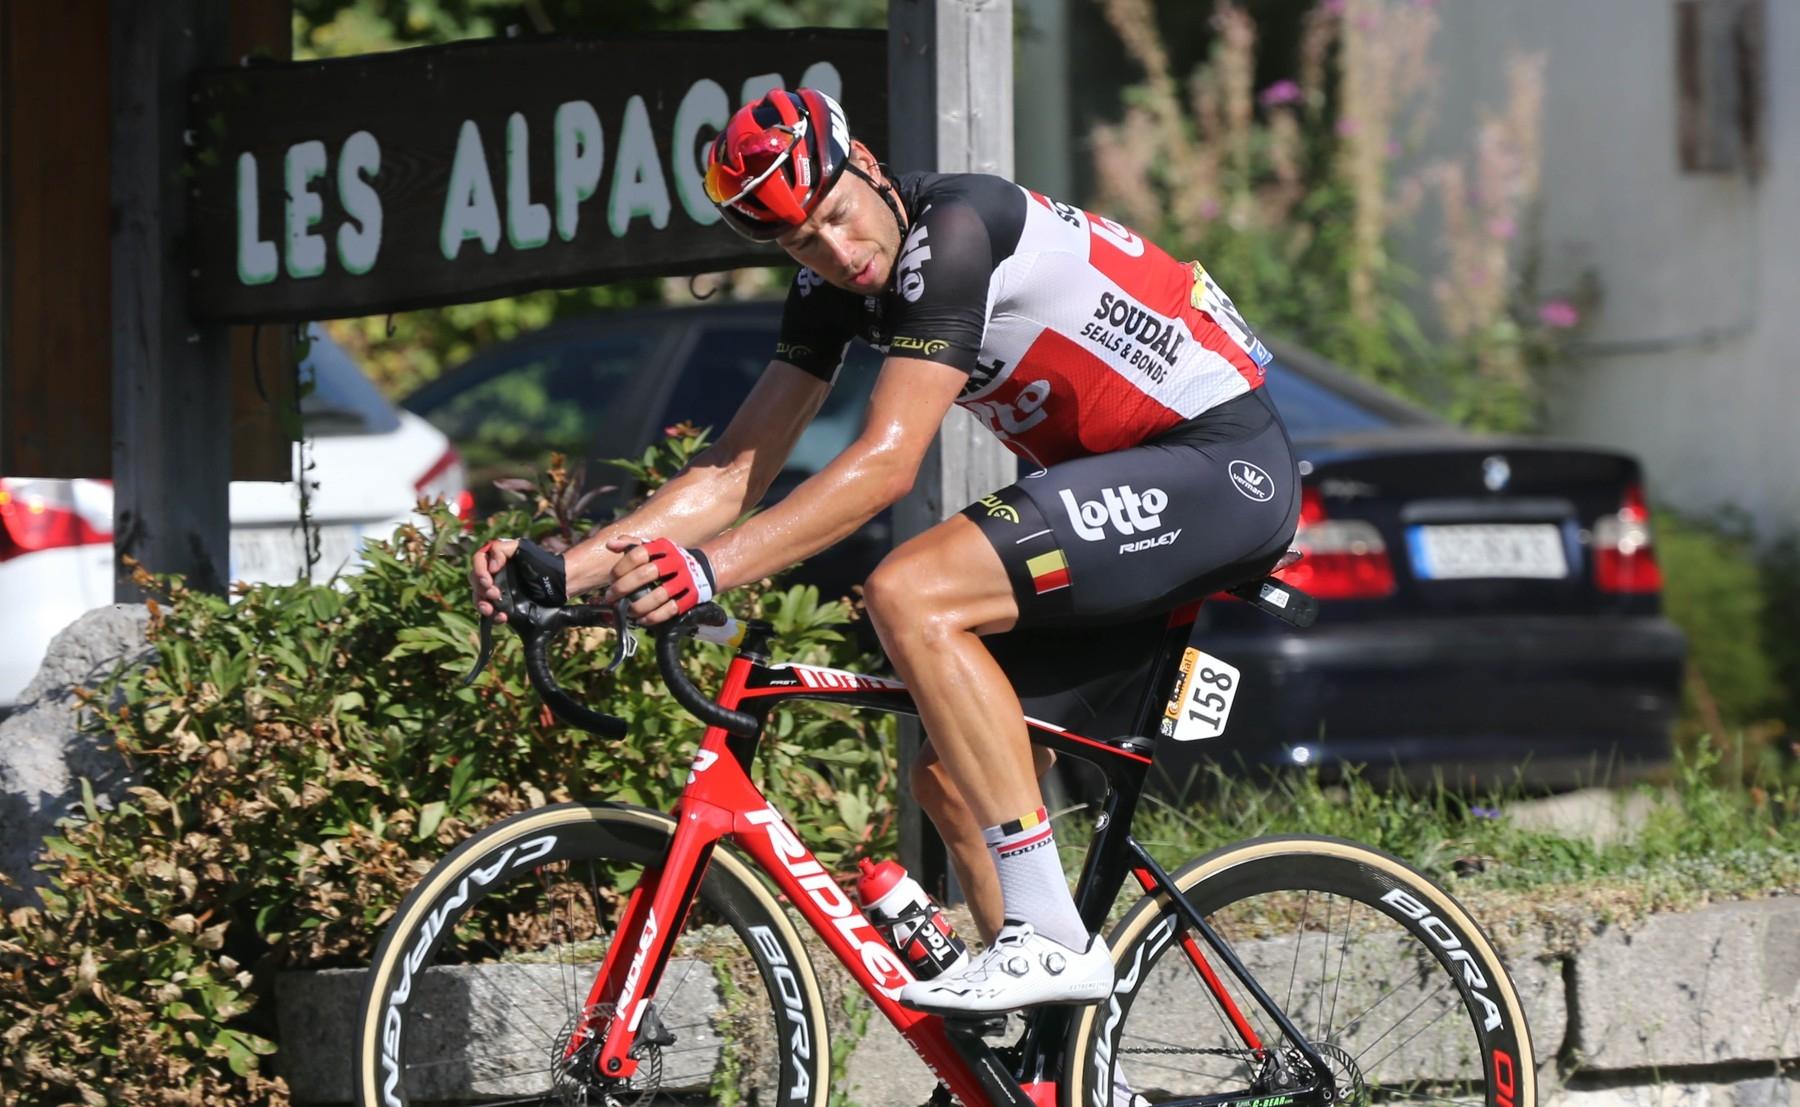 Roger Kluge, německý cyklista v barvách Lotto Soudal, letos dokončil Tour de France na posledním místě jako 146. klasifikovaný cyklista. Foto: profimedia